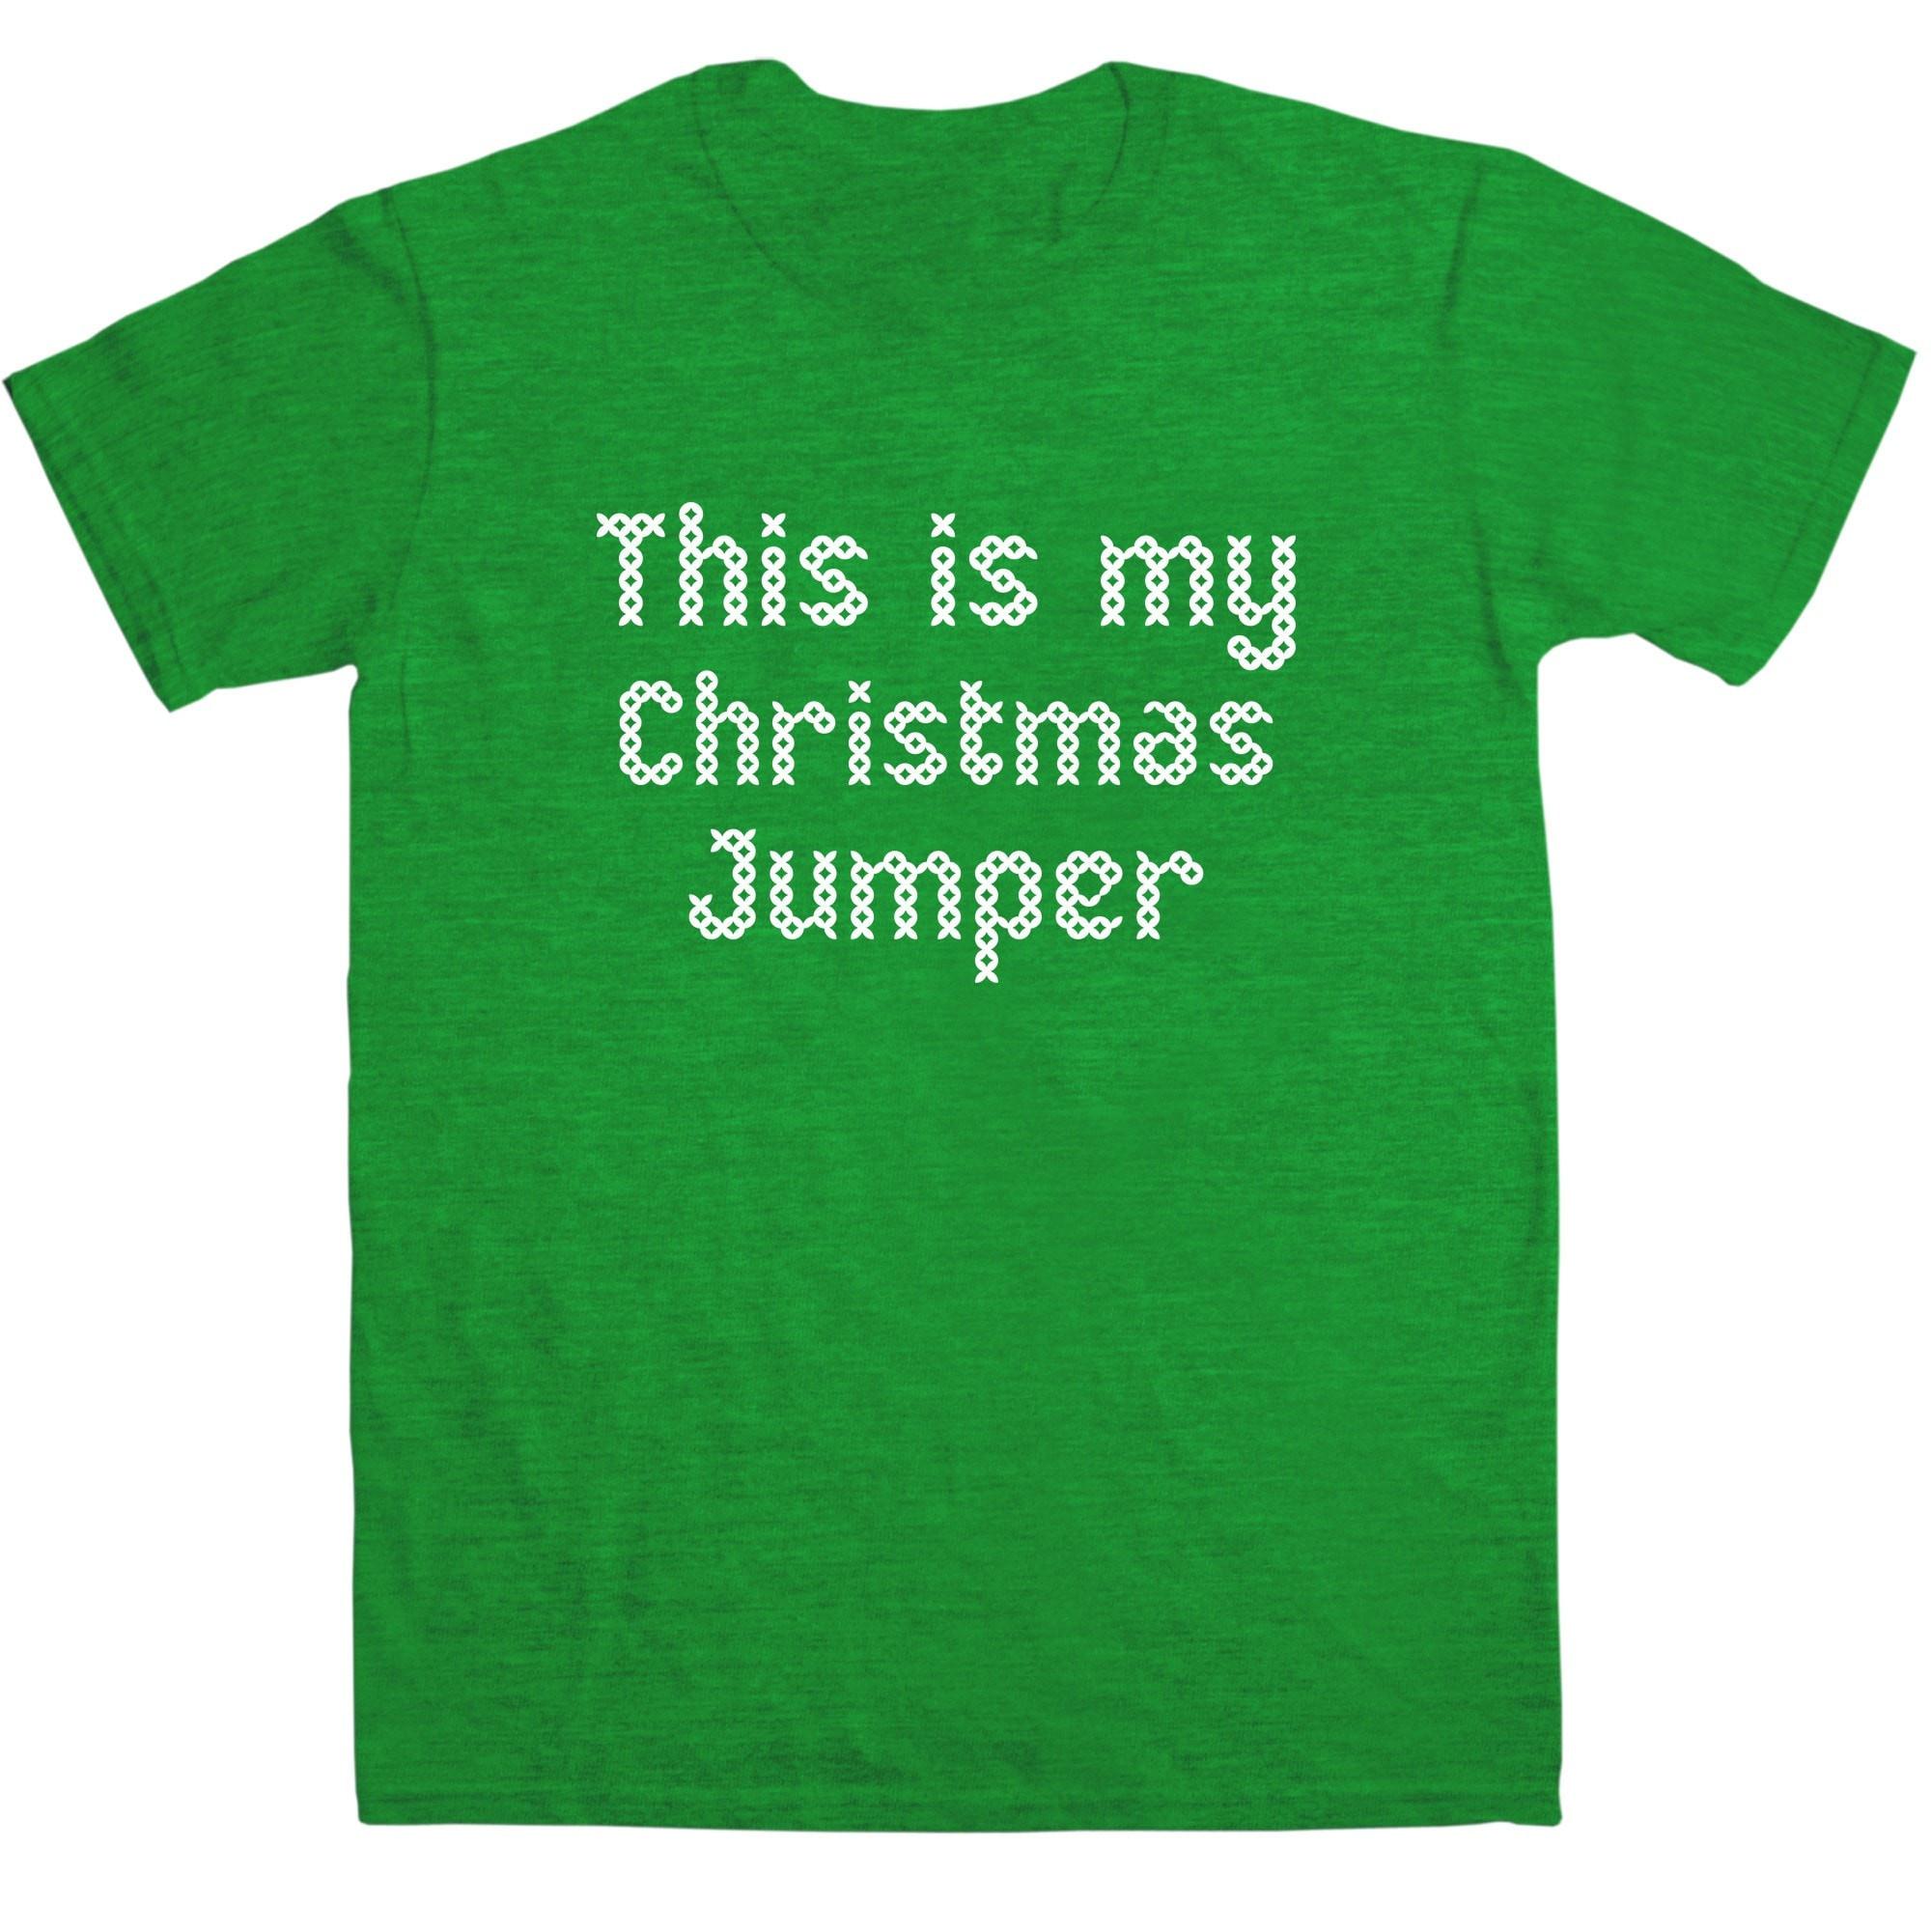 Christmas Jumper T-shirt